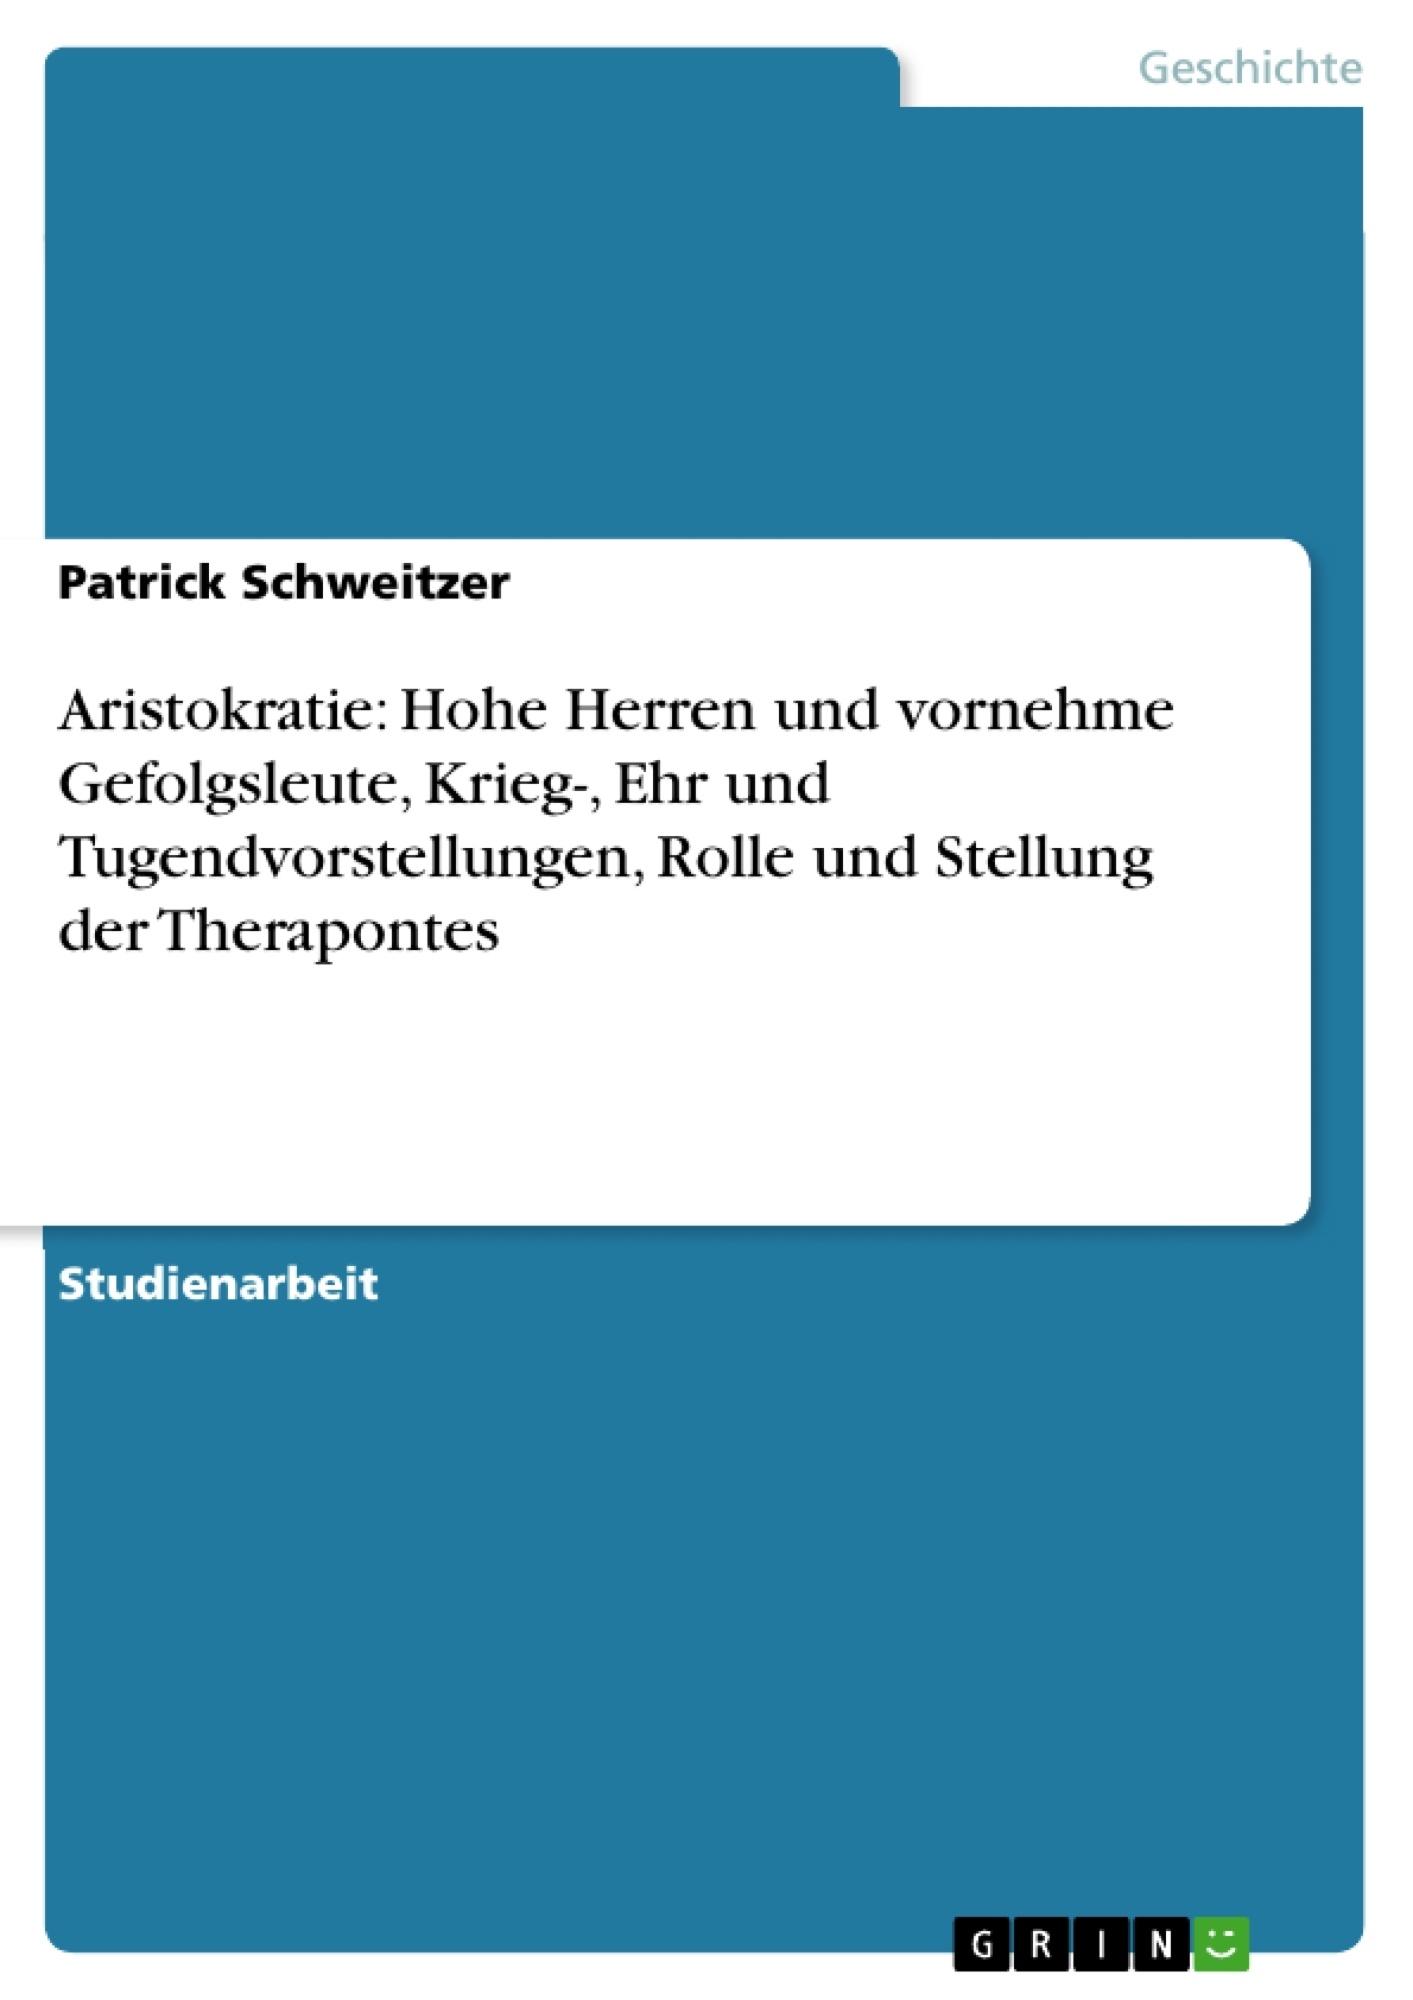 Titel: Aristokratie: Hohe Herren und vornehme Gefolgsleute,  Krieg-, Ehr und Tugendvorstellungen, Rolle und Stellung der Therapontes